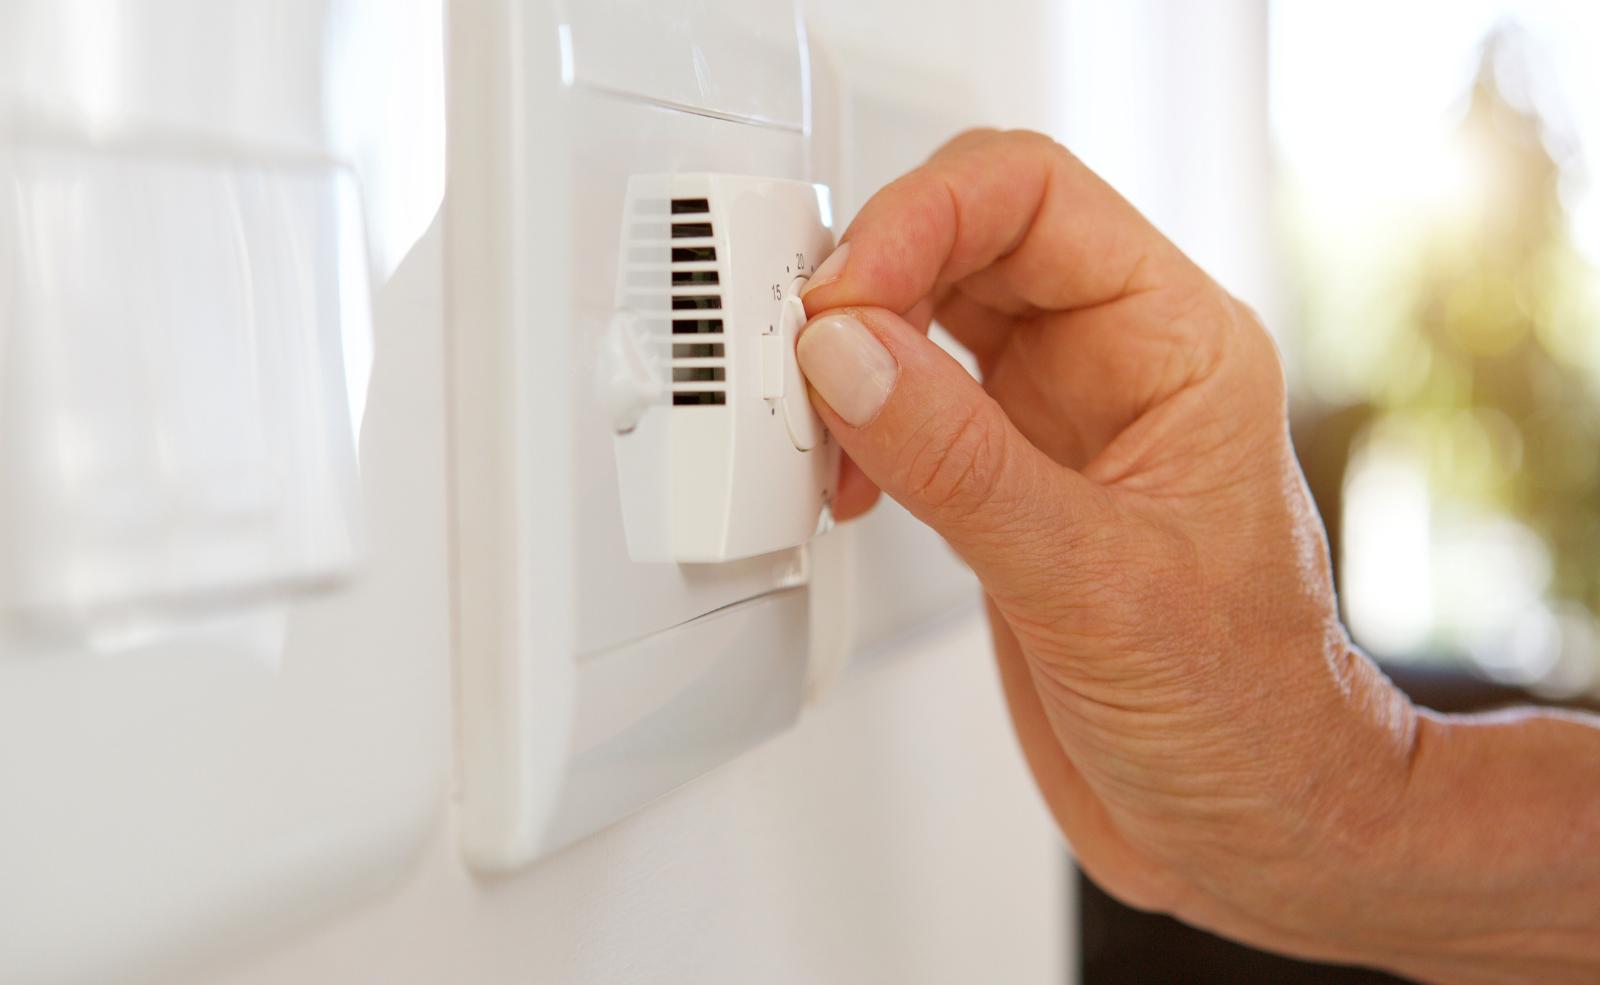 Mit der richtigen Raumtemperatur kannst du feuchten Wänden vorbeugen.